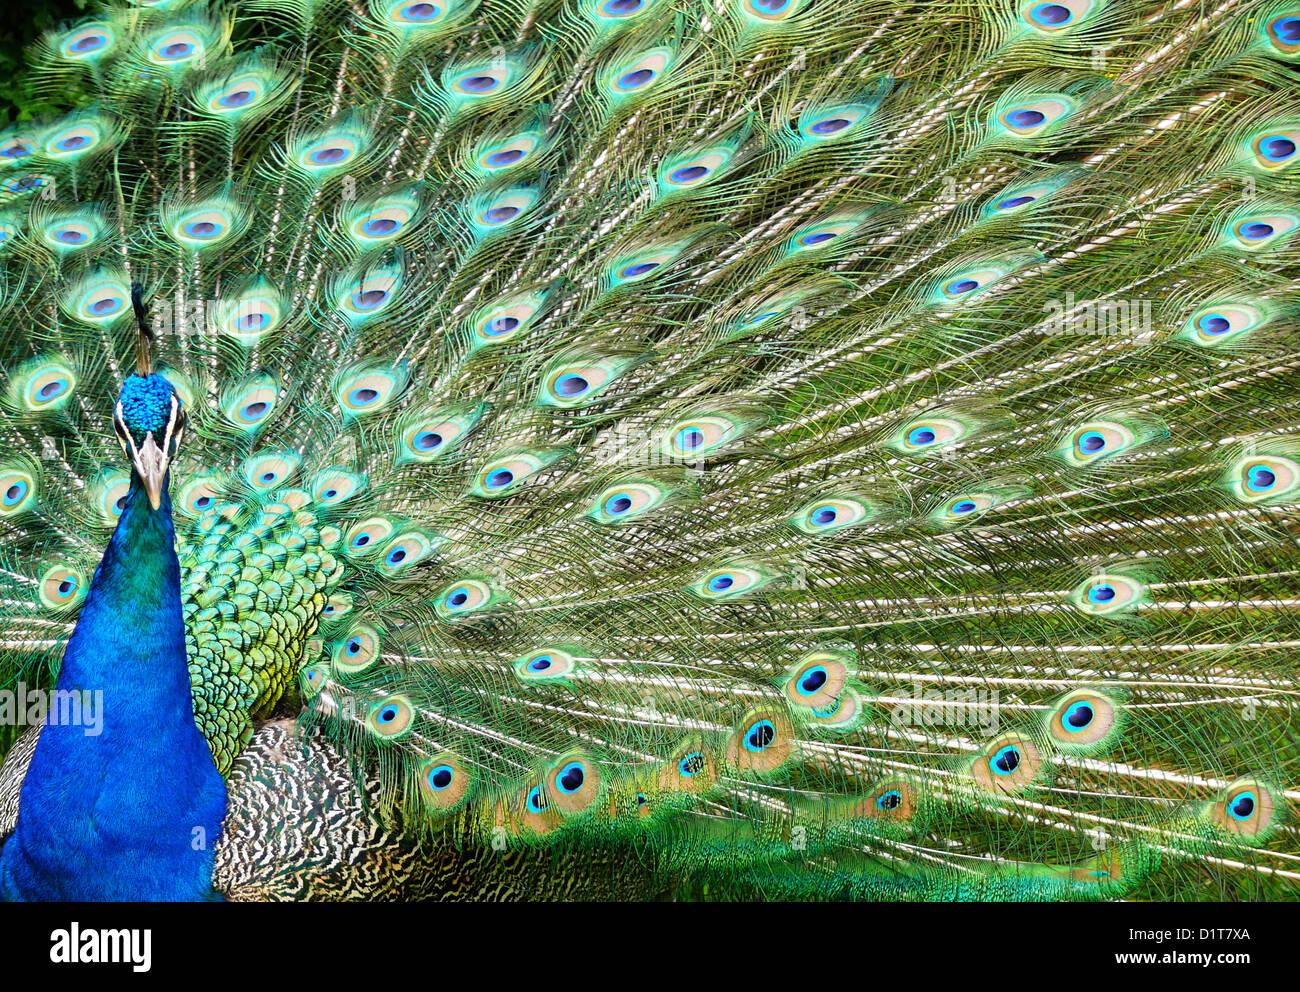 Peacock feather display Immagini Stock